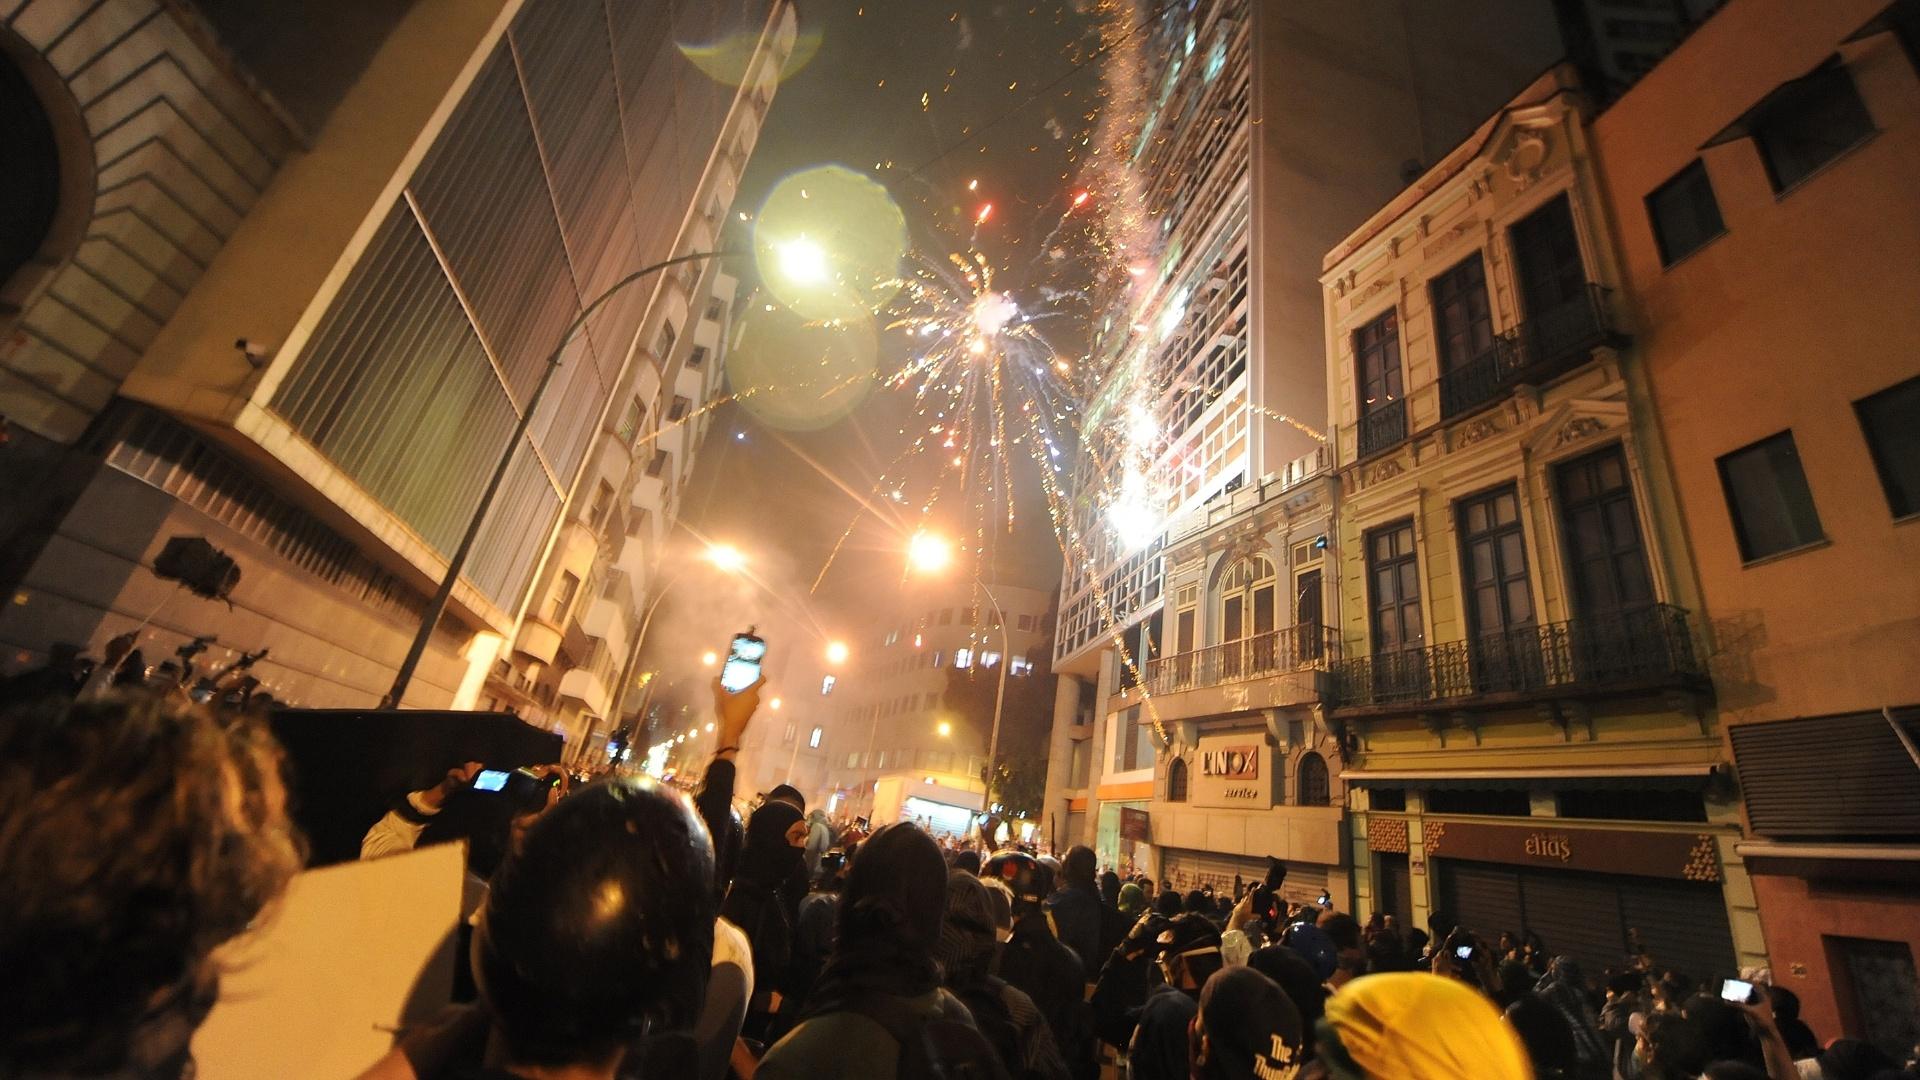 7.out.2013 - Fogos de artifício explodem durante protesto nos arredores da Câmara de Vereadores do Rio de Janeiro, na Cinelândia, região central da cidade